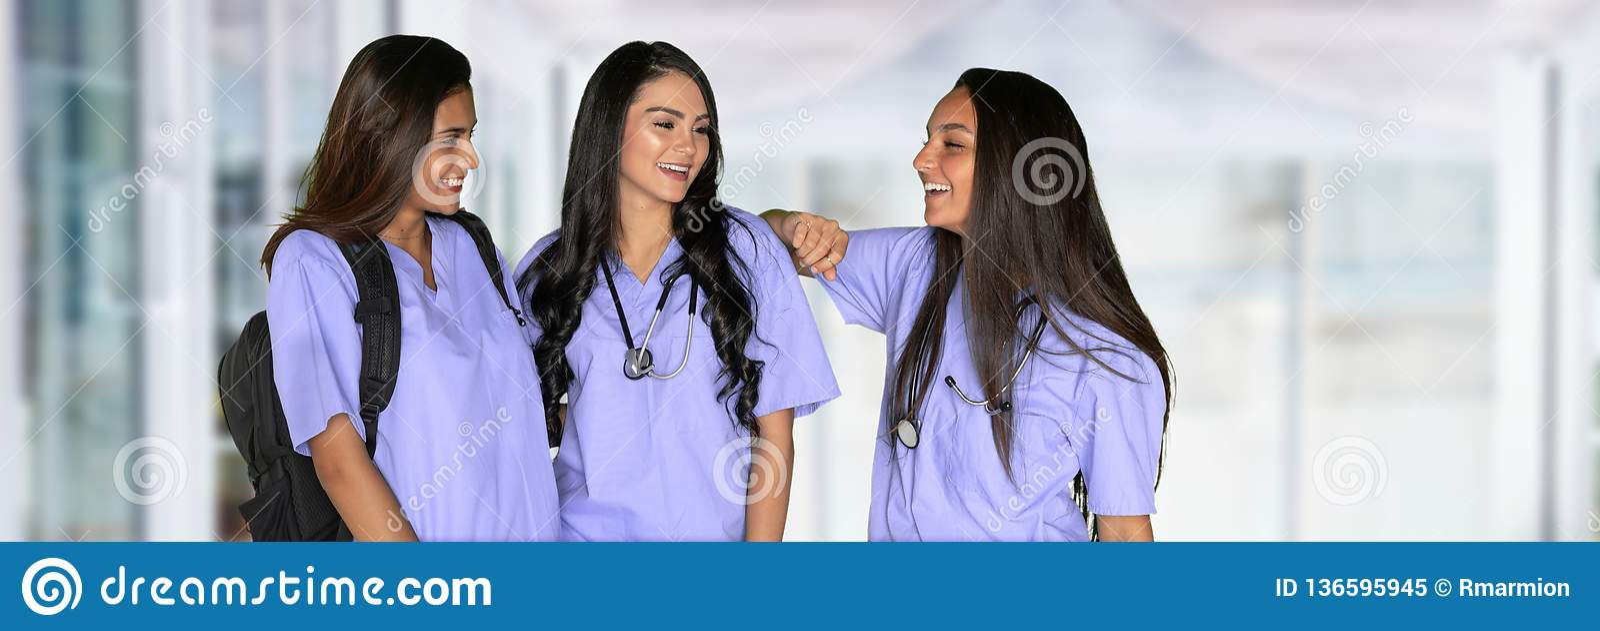 Τρεις νοσηλευτικοί σπουδαστές